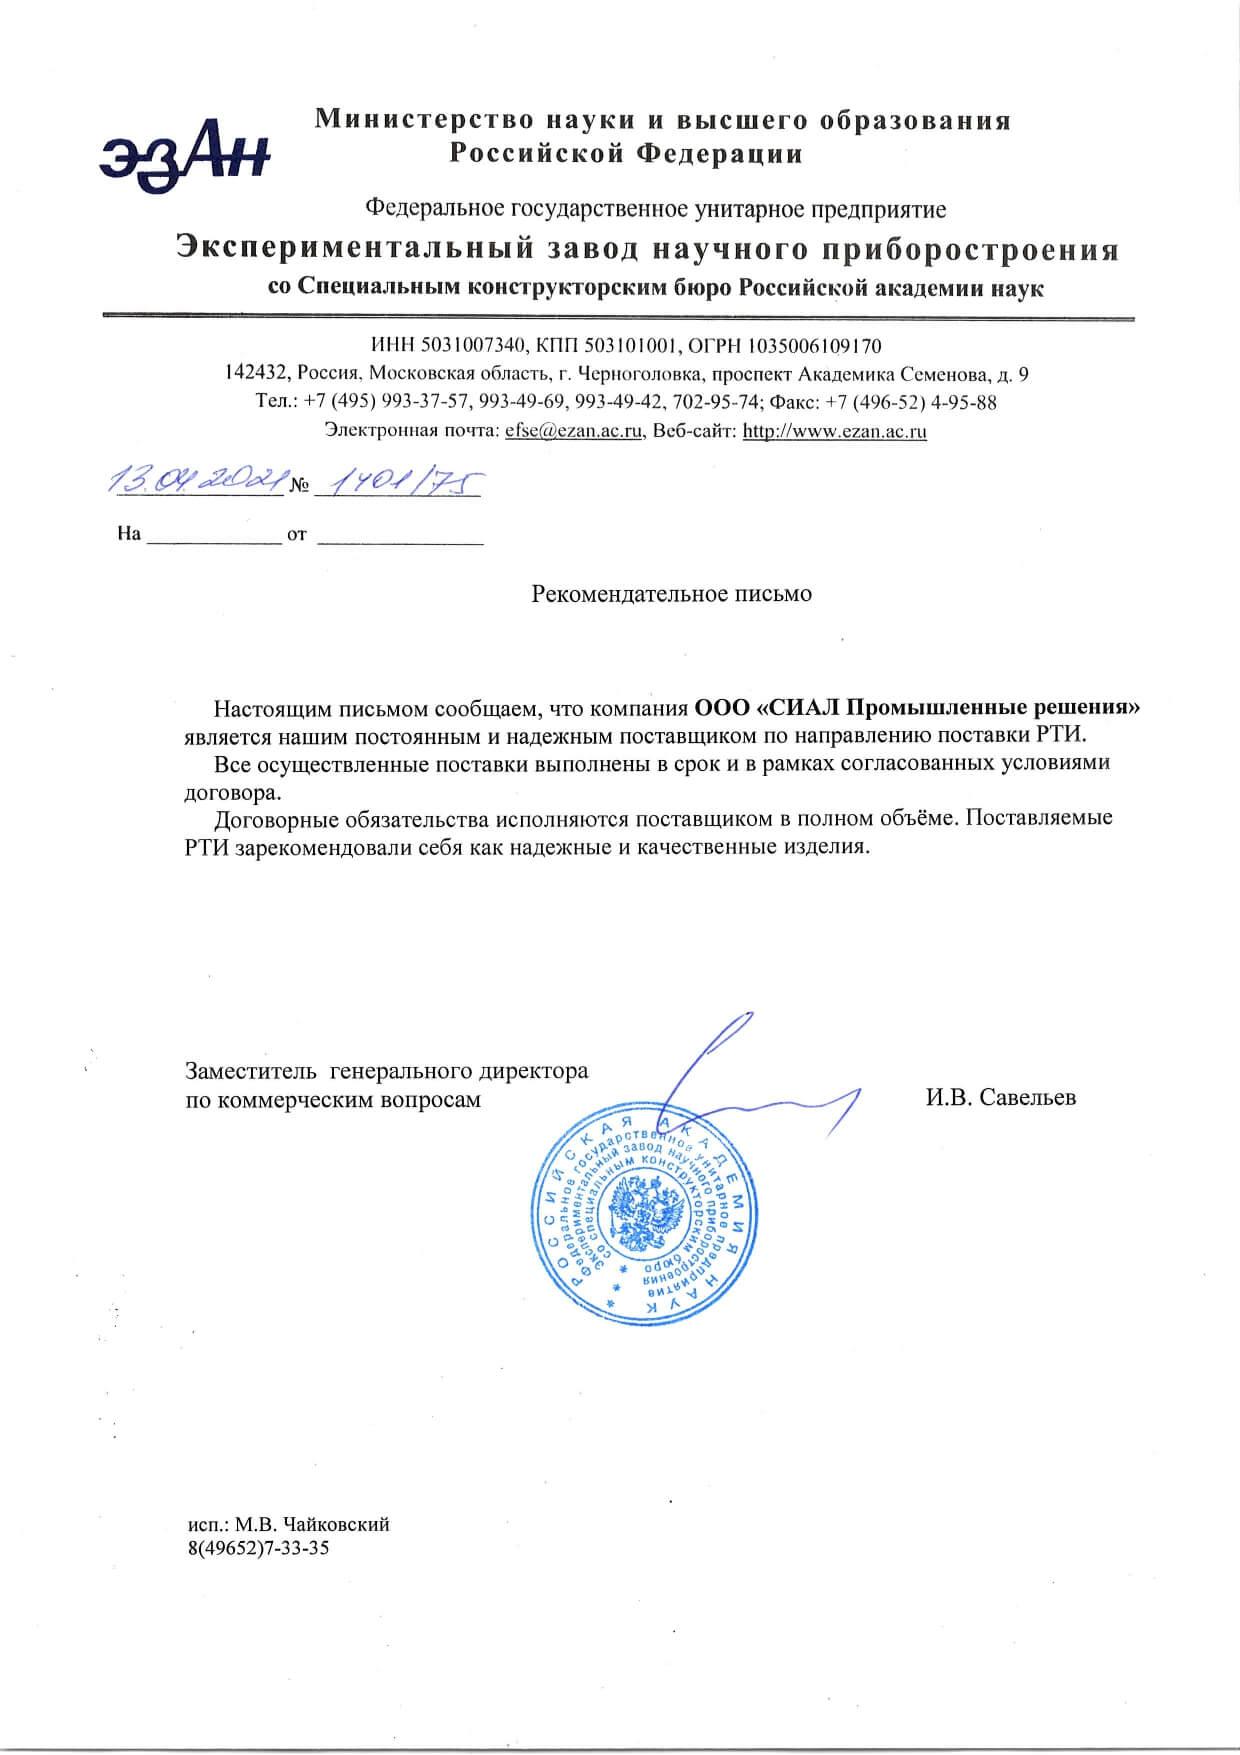 Рекомендательное письмо от ФГУП ЭЗАН